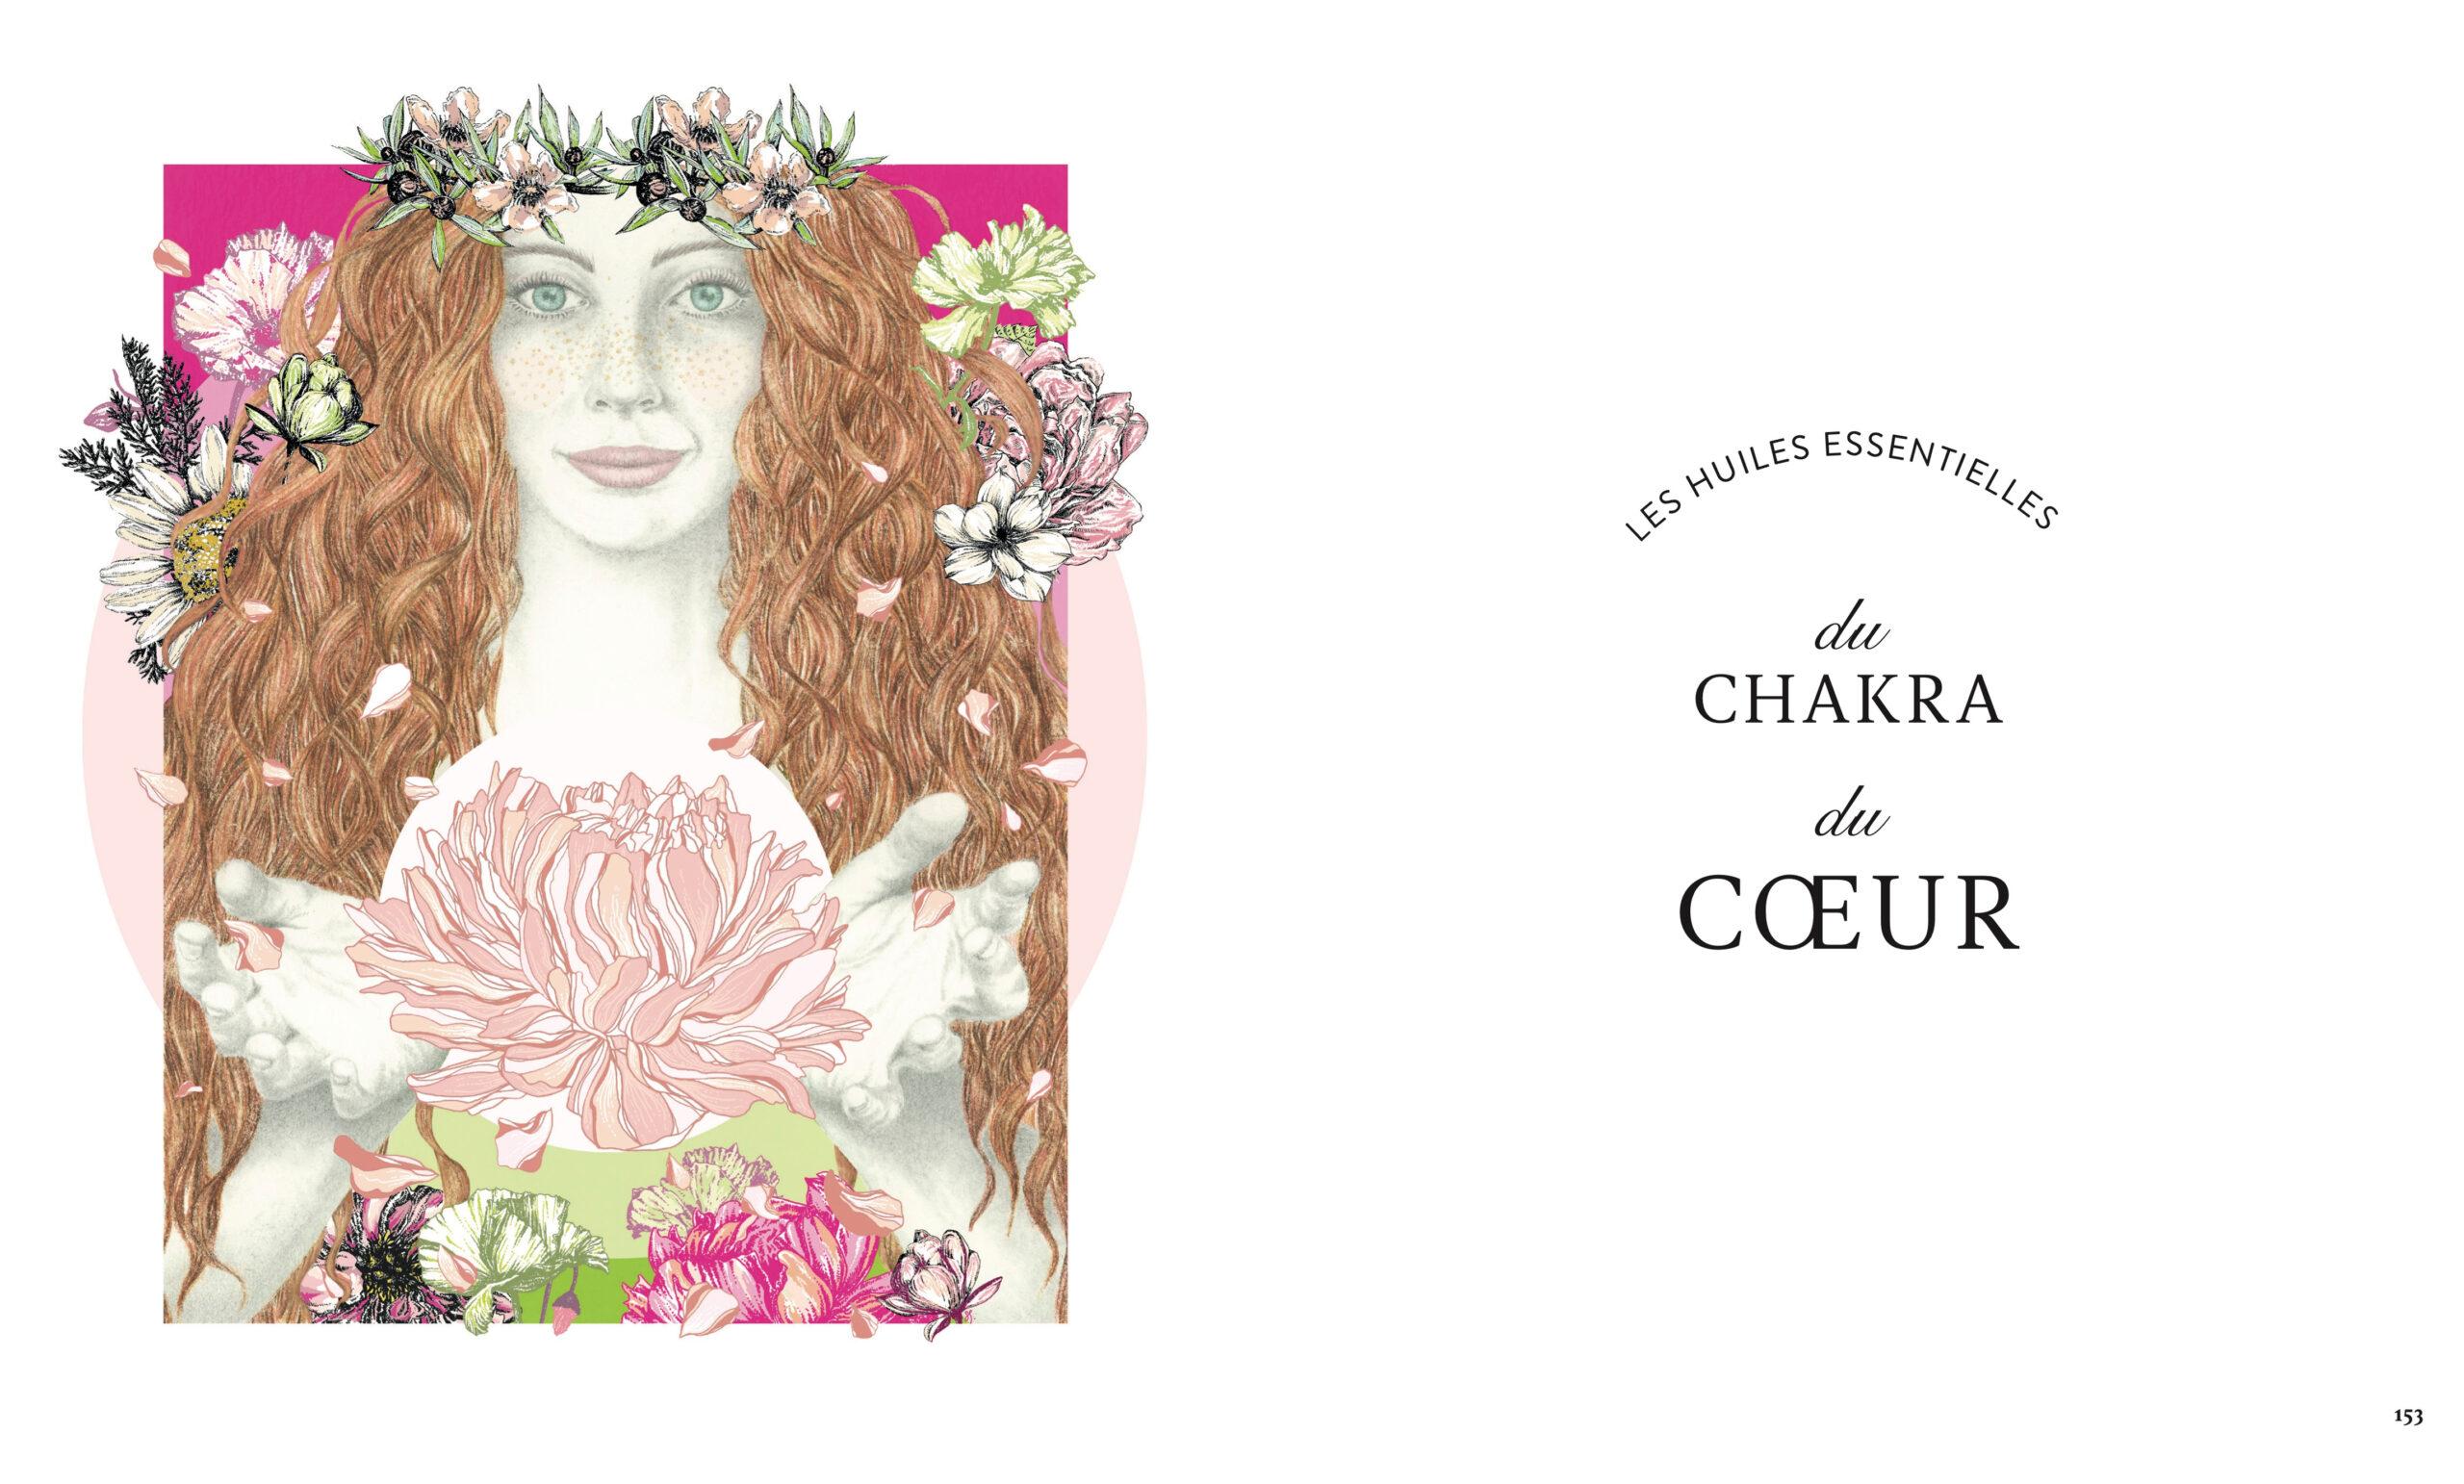 Chakra-coeur-Le-grand-livre-des-huiles-essentielles